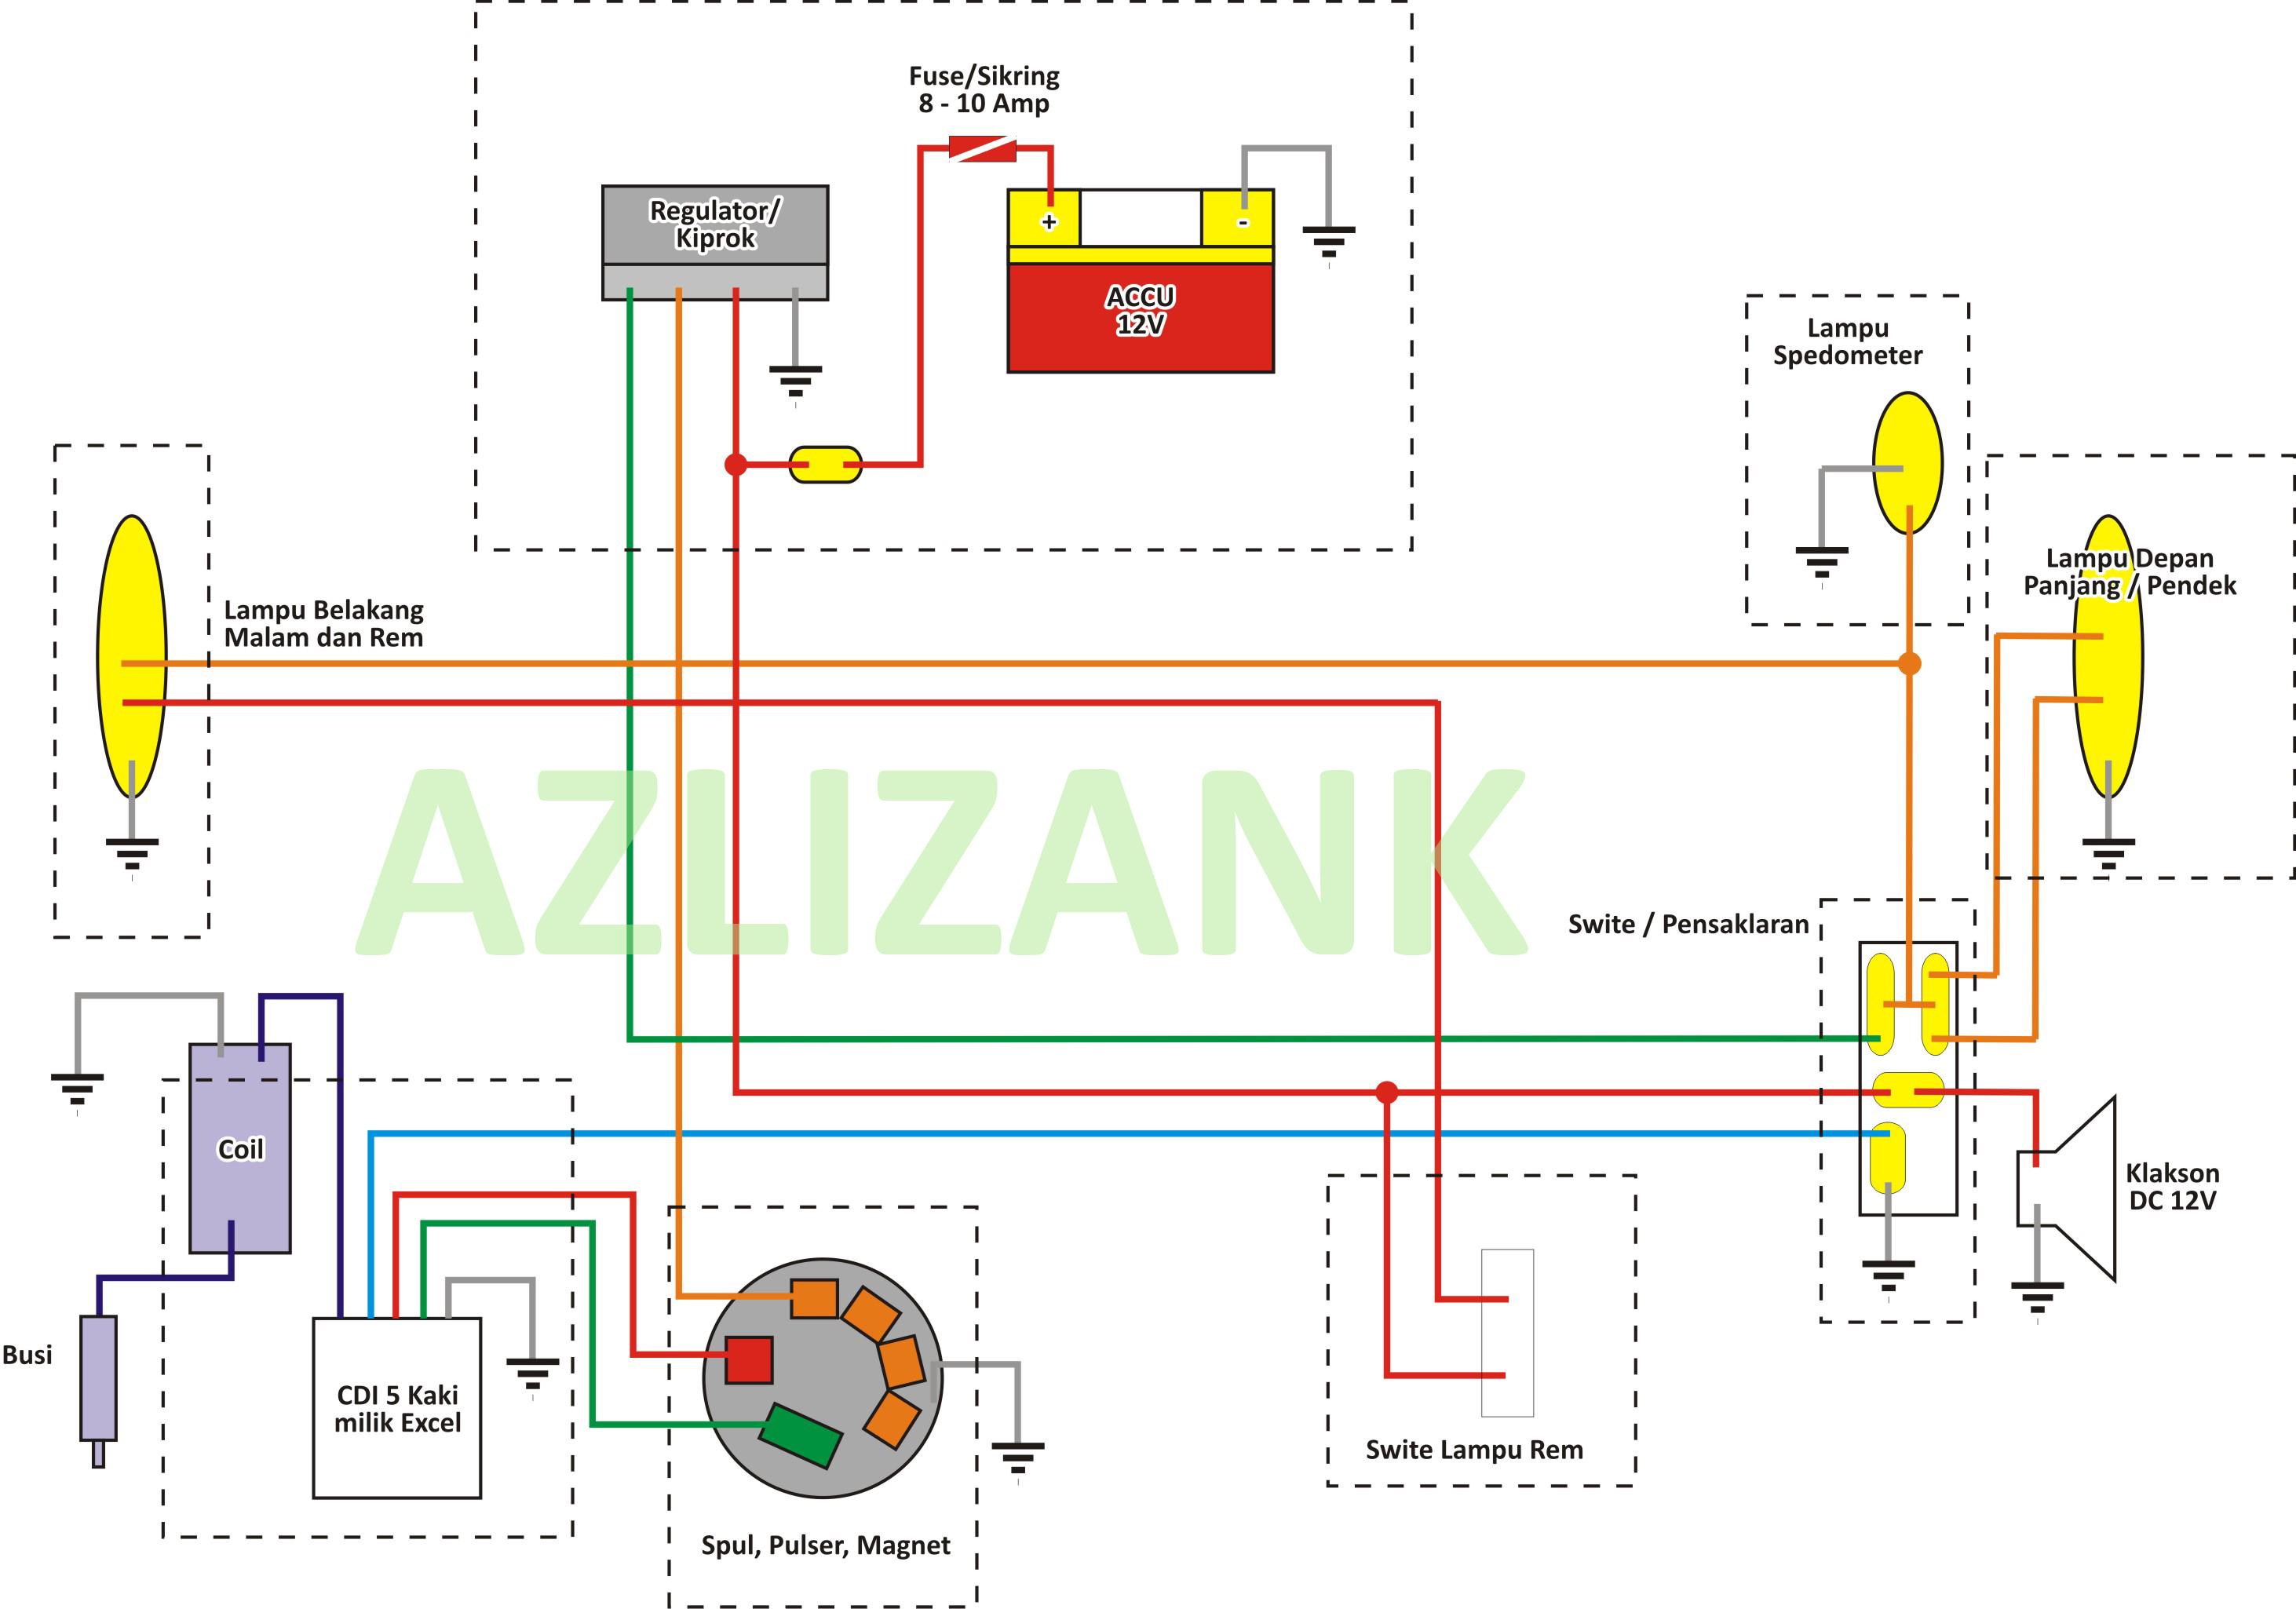 ✦DIAGRAM BASED✦ Wiring Diagram Vespa Excel COMPLETED DIAGRAM BASE Vespa  Excel - JEAN.PAUL.MOATTI.TAPEDIAGRAM.PCINFORMI.ITDiagram Based Completed Edition - PcInformi